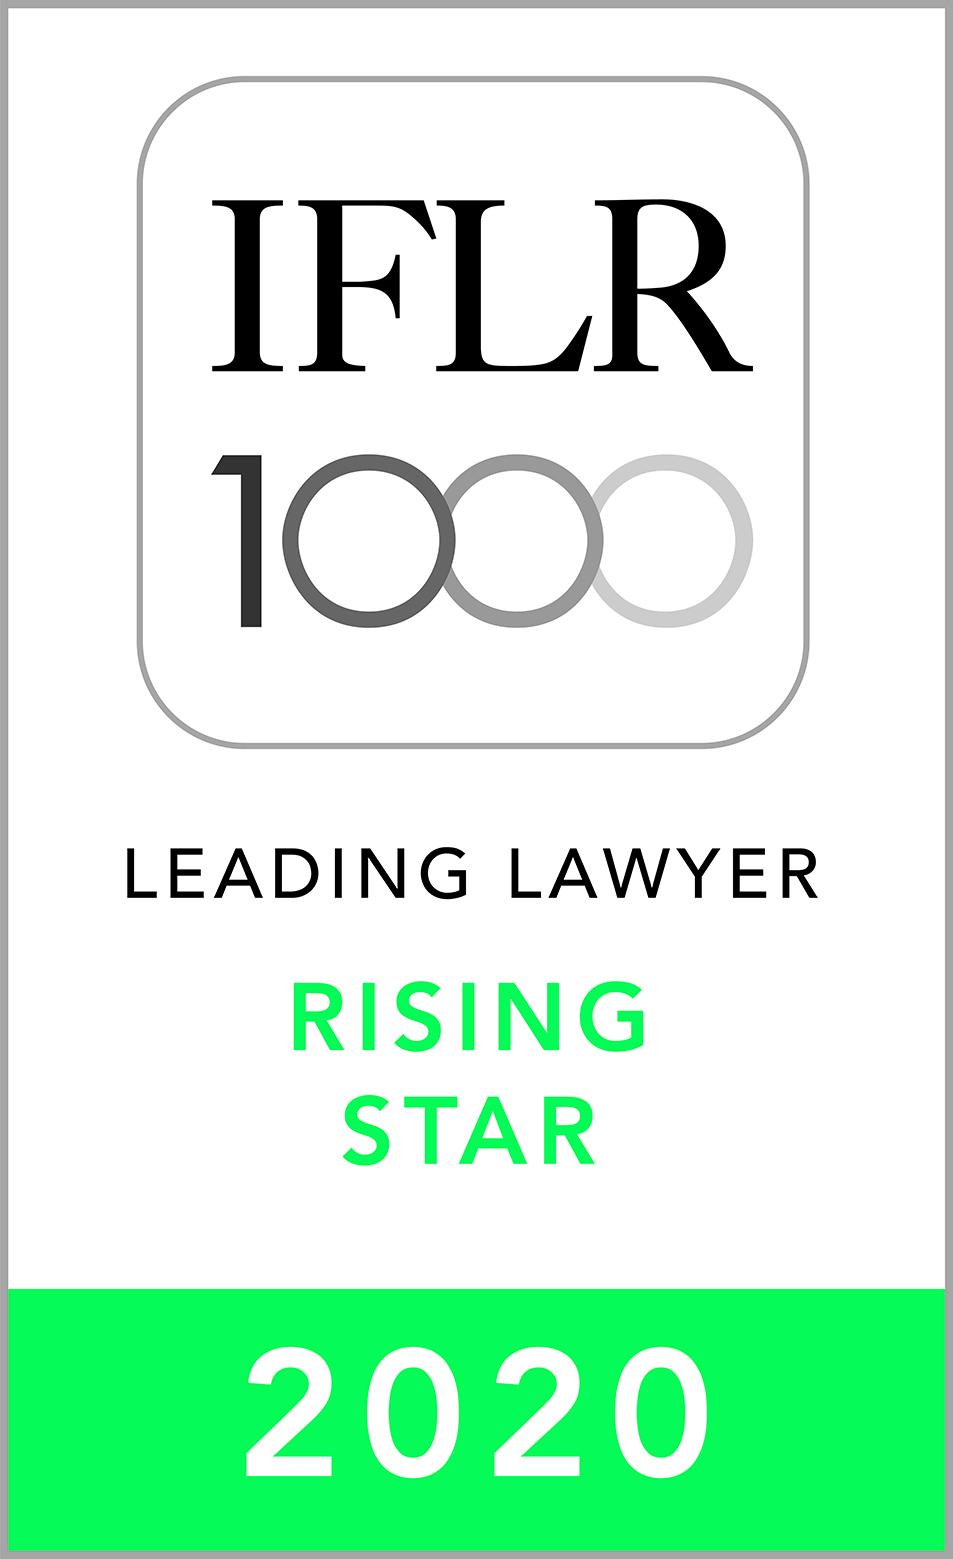 IFLR1000 2020 Rising Star